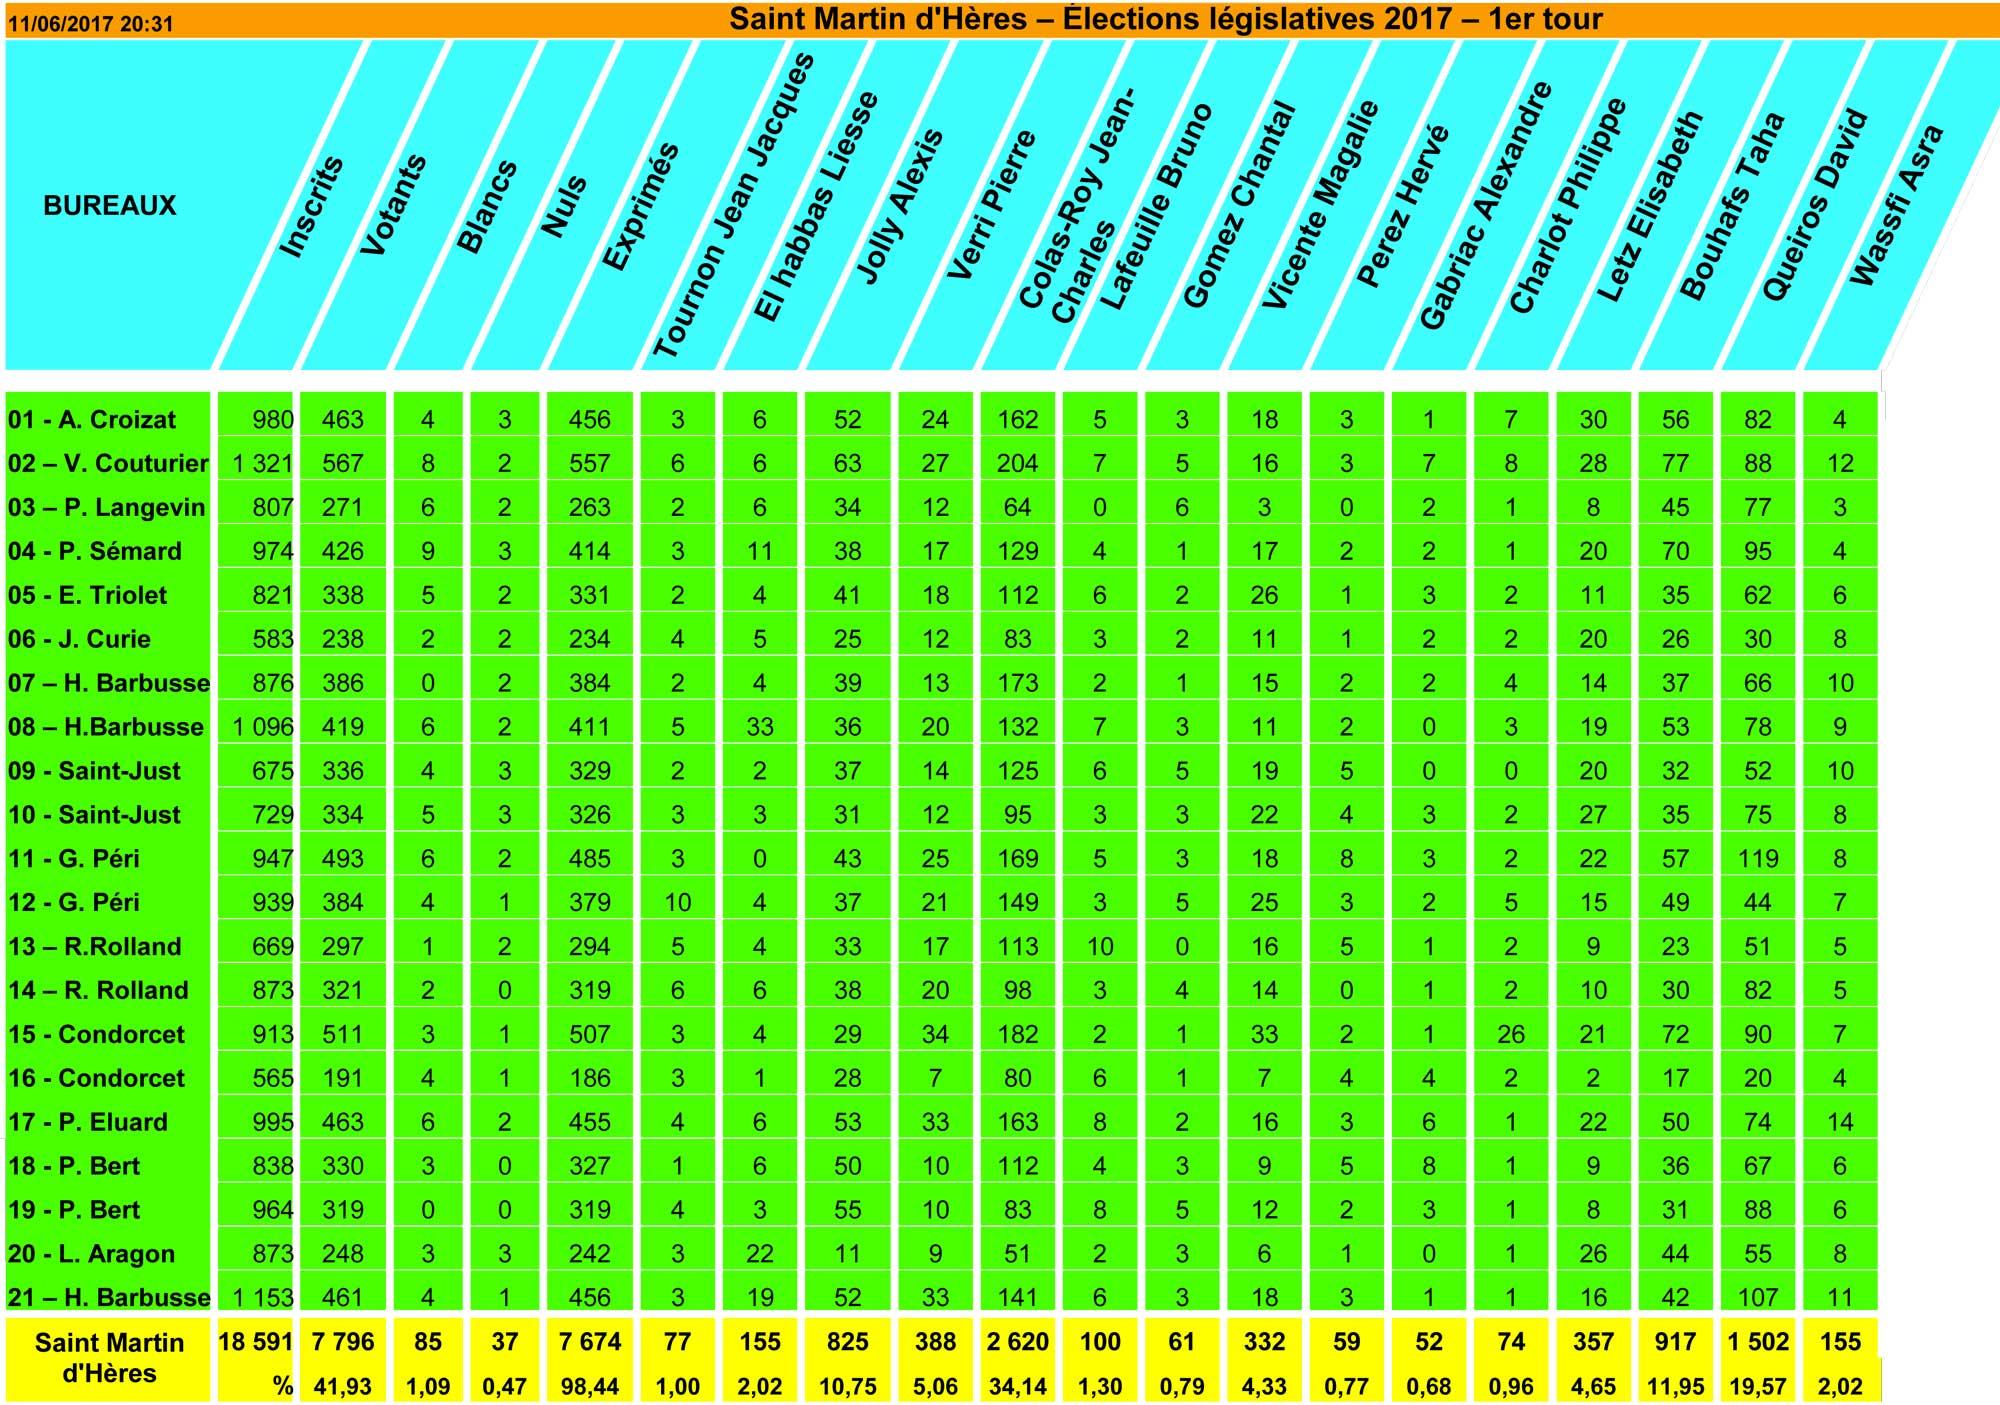 Elections législatives 2017 - 1er tour - 11-06-2017